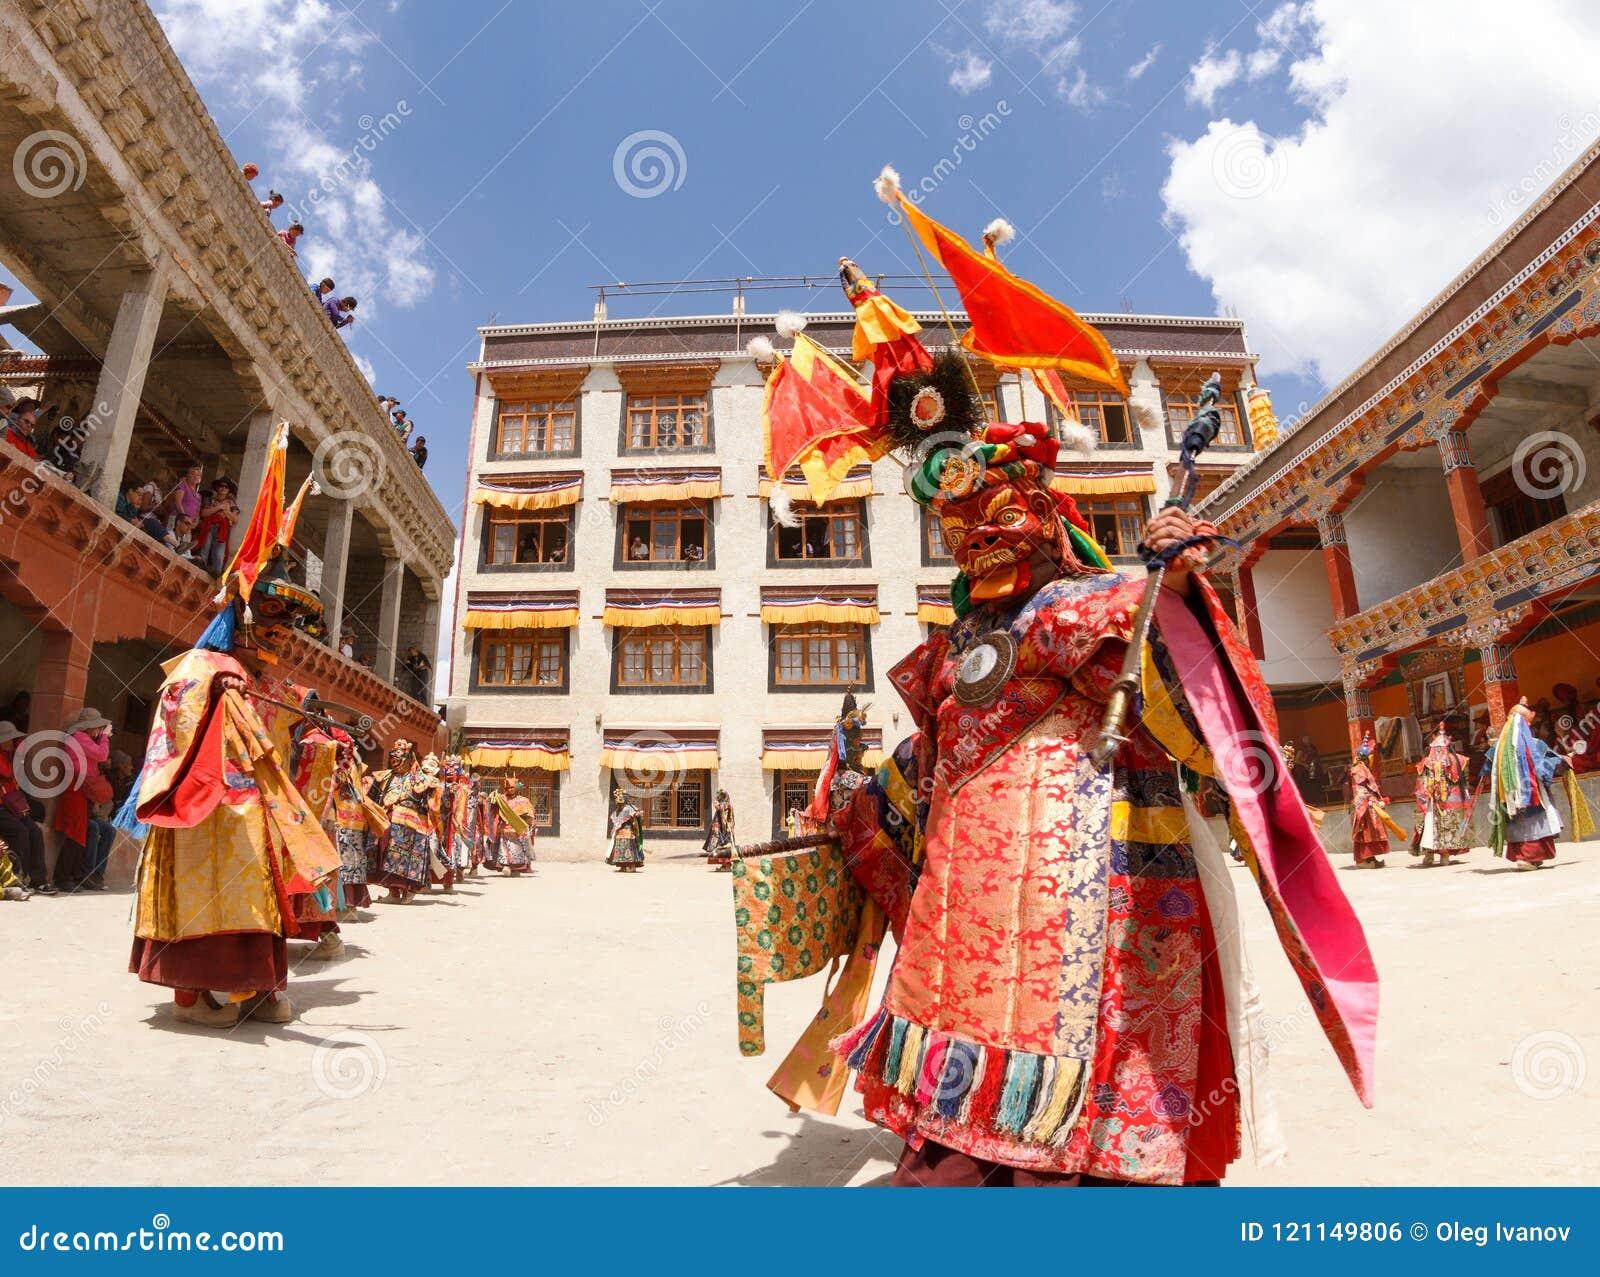 Munkar utför en religiös maskerad och kostymerad gåtadans av tibetan buddism på den traditionella Chamdansfestivalen